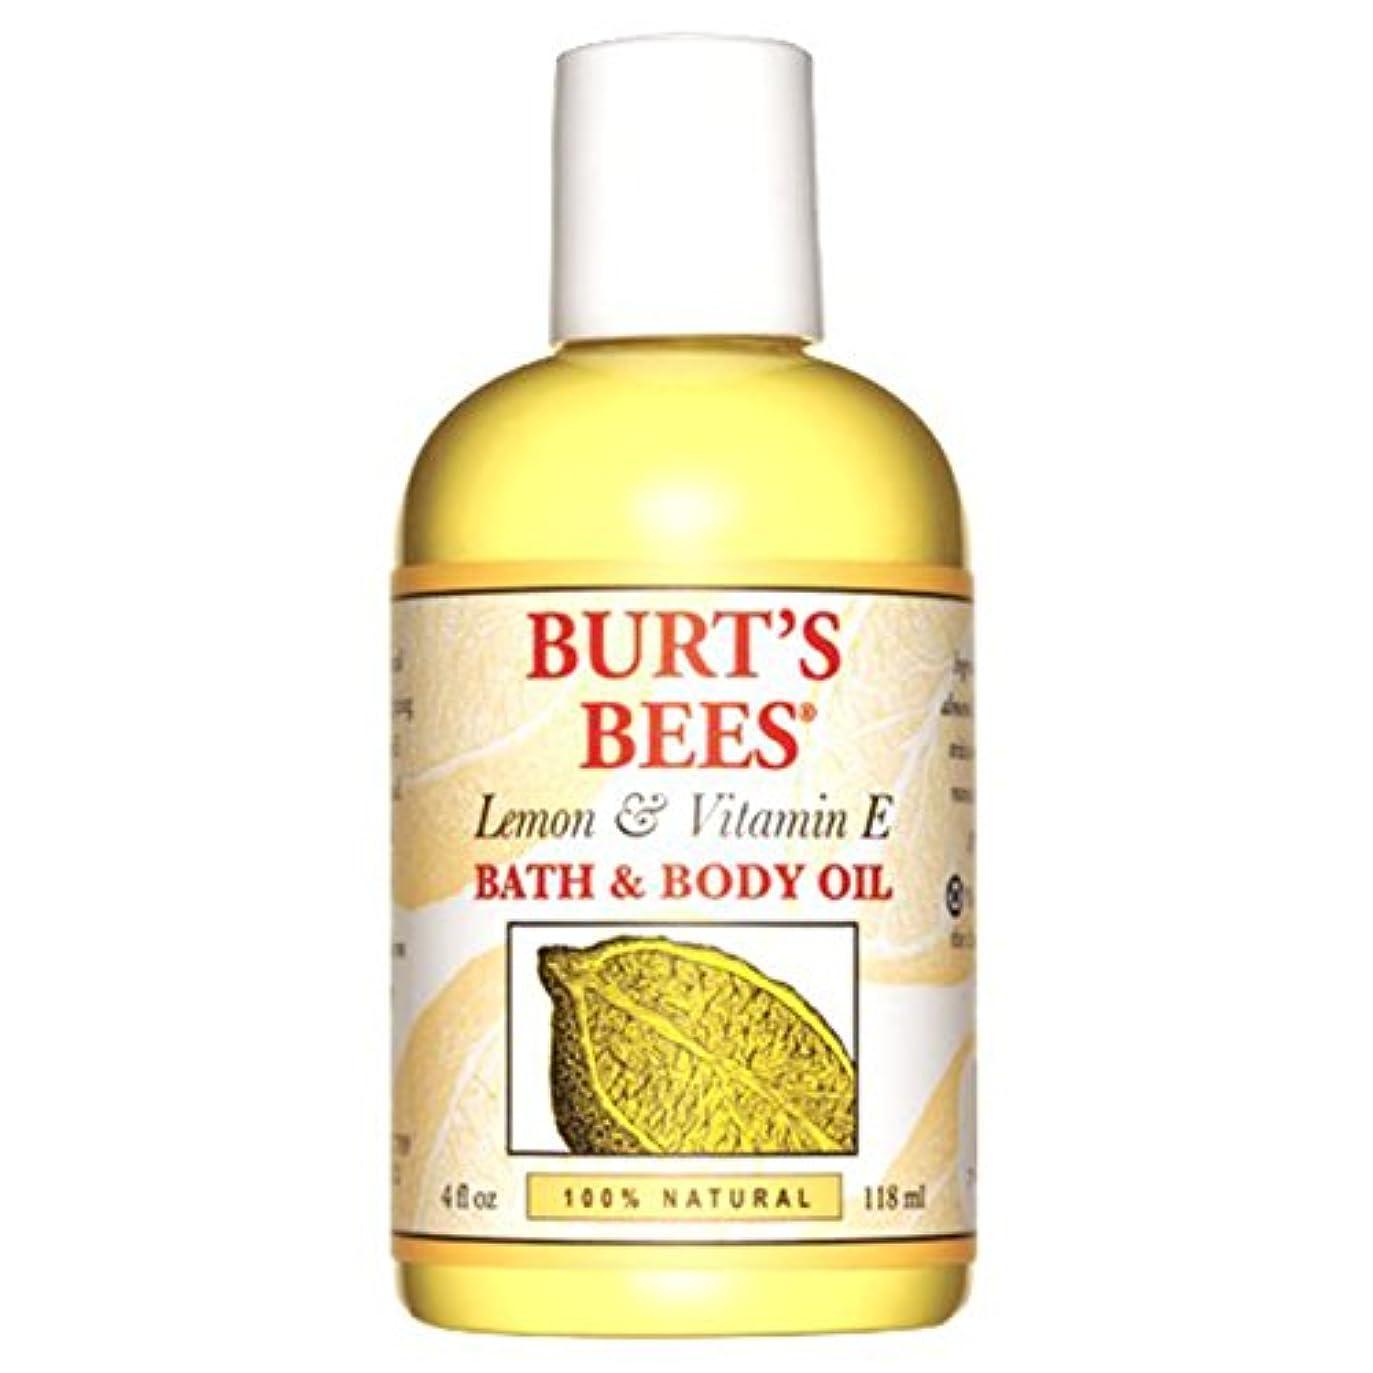 奇妙な数字肌寒いバーツビーズ (Burt's Bees) L&E バス&ボディオイル 118ml